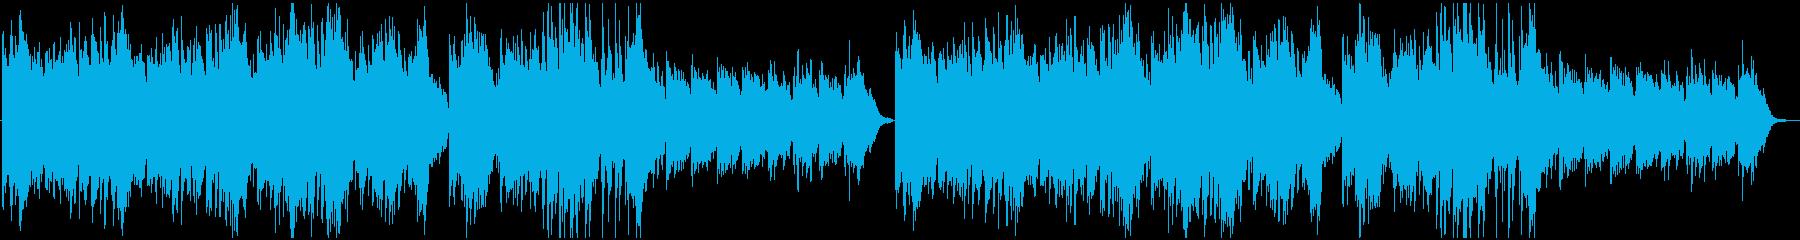 ピアノ&弦の優しい曲の再生済みの波形